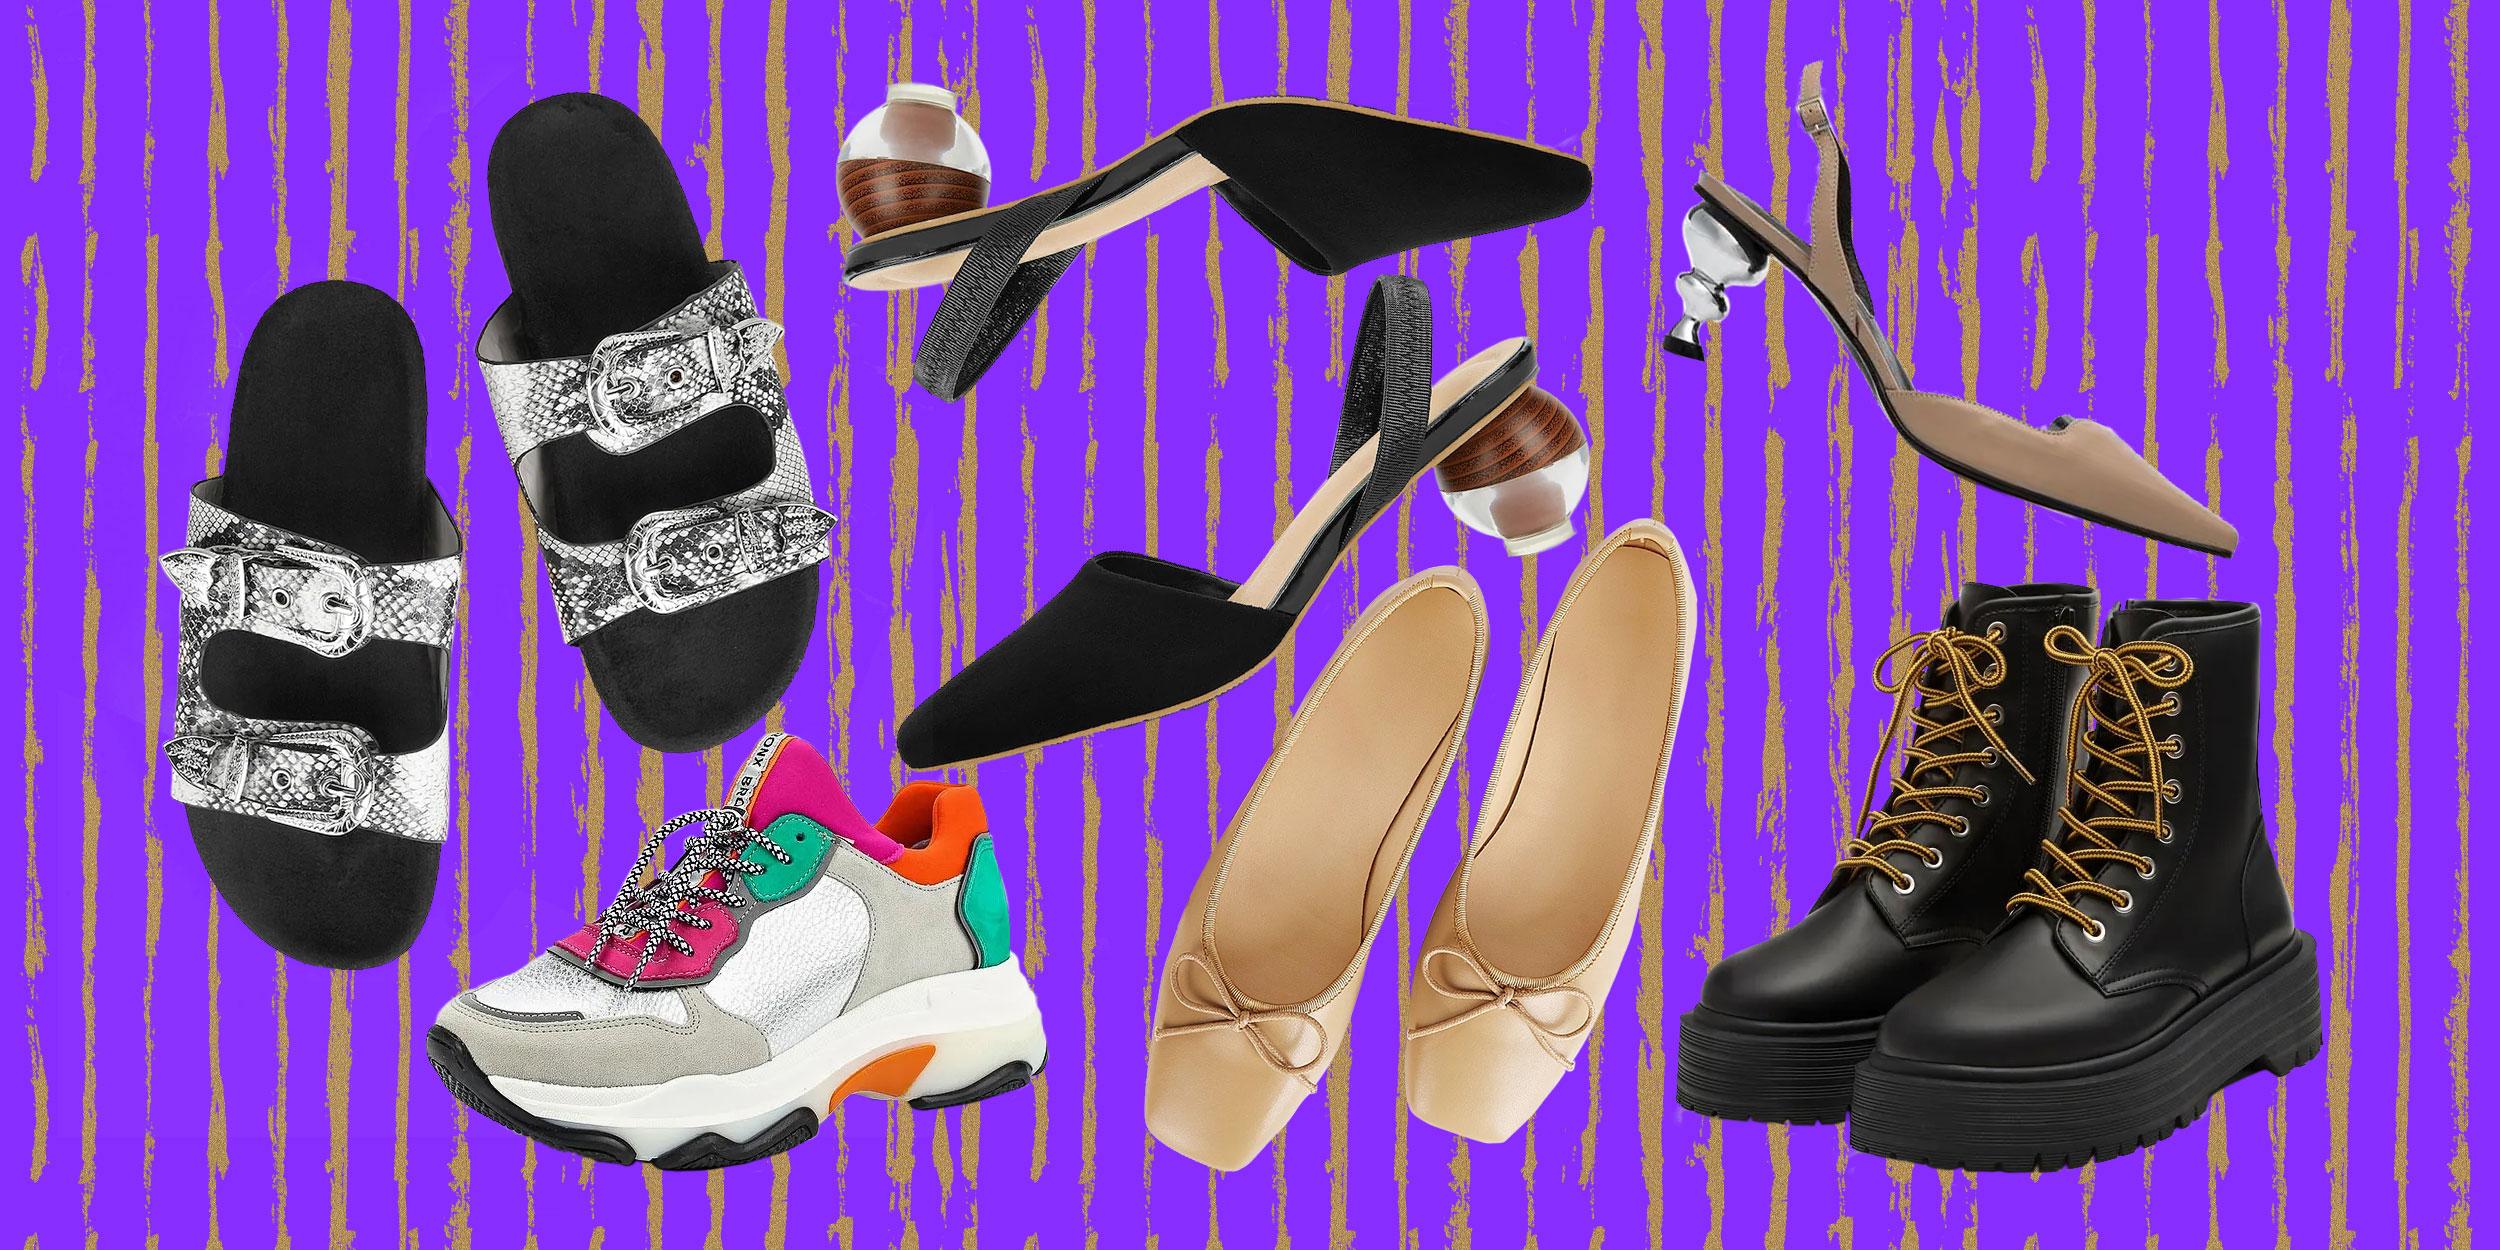 92acdf79d73a Какая женская обувь будет в моде весной-летом 2019 года - Лайфхакер